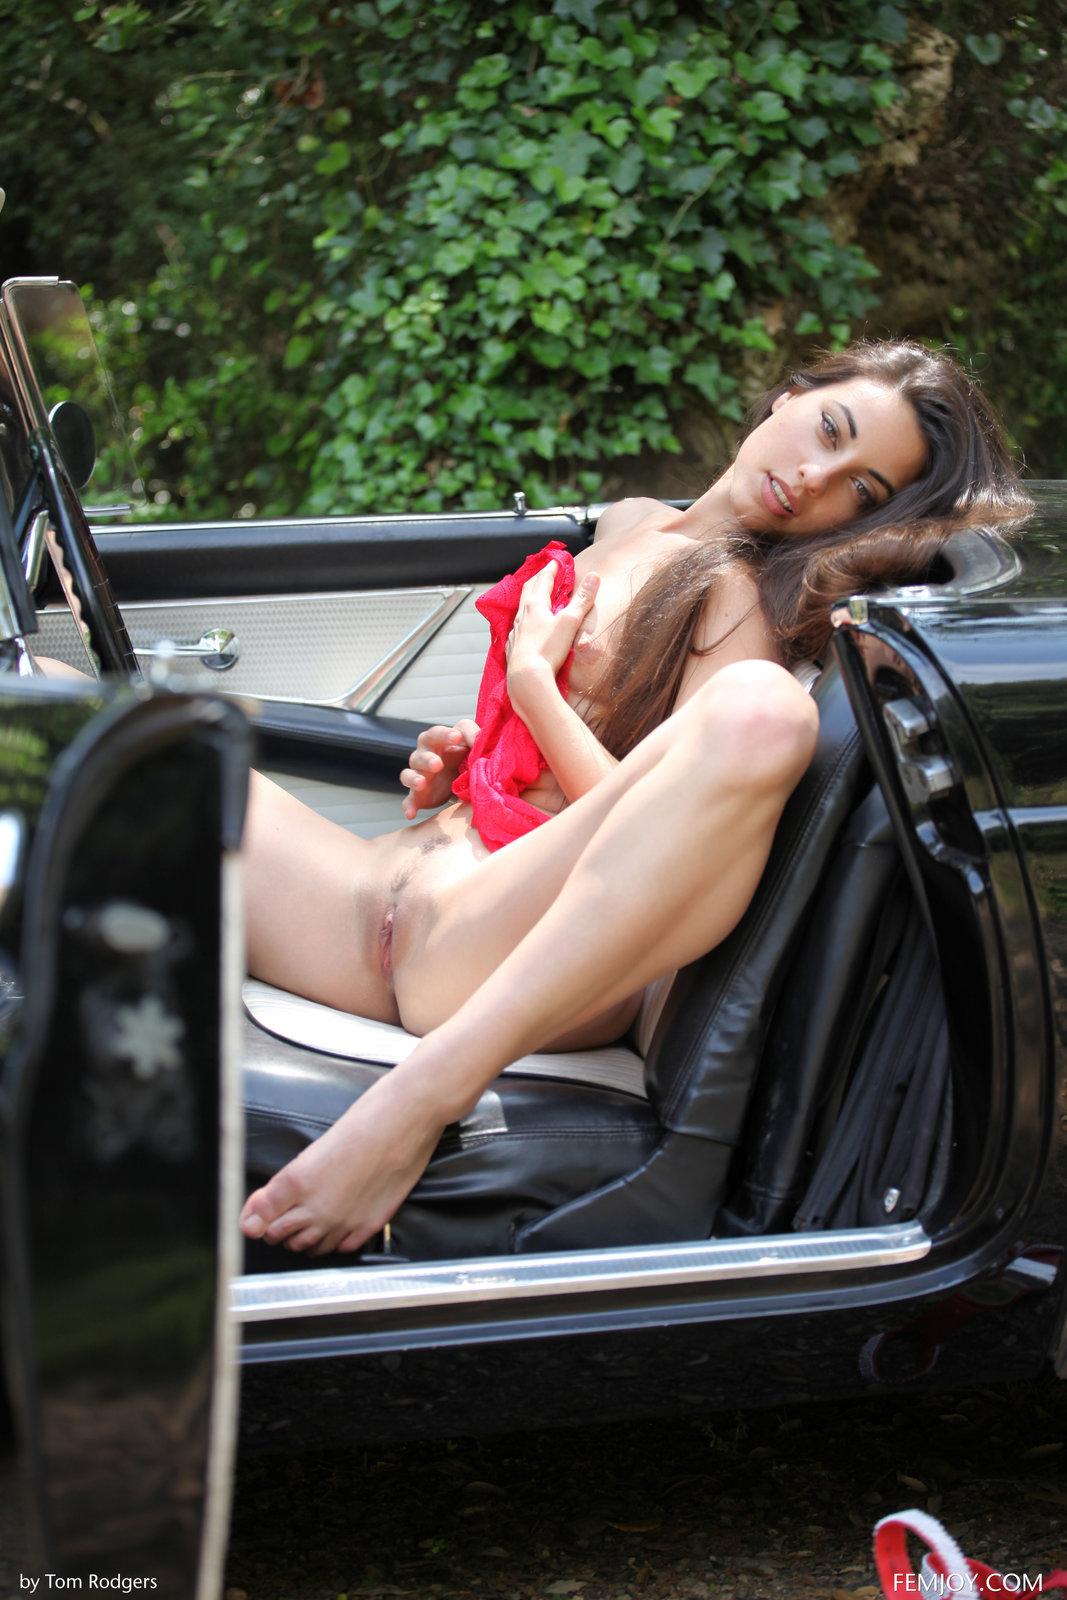 Zdjęcie porno - 0519 - Wypina swą dupcię przy furze